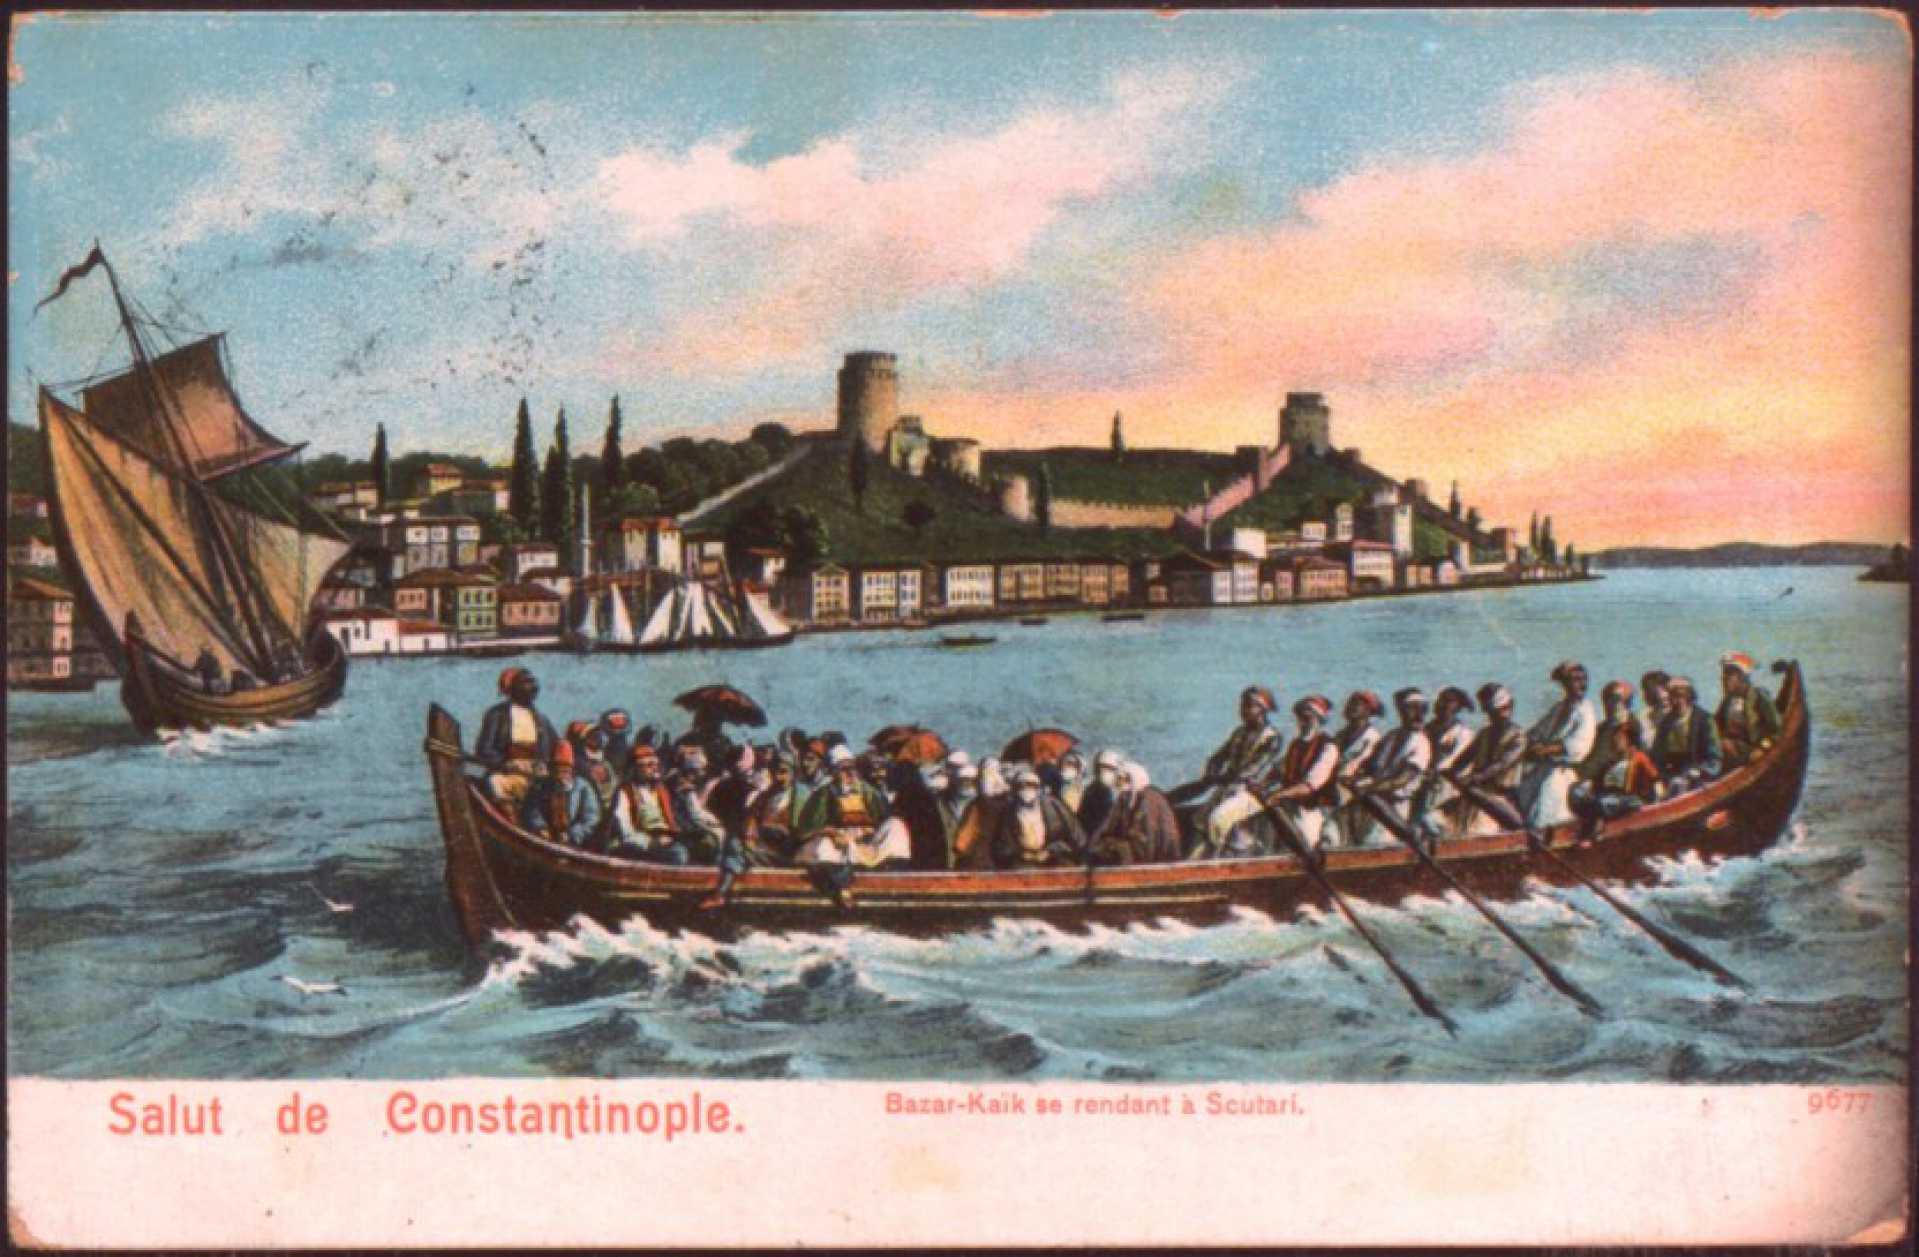 Bazar-kaik se rendant a Scutari